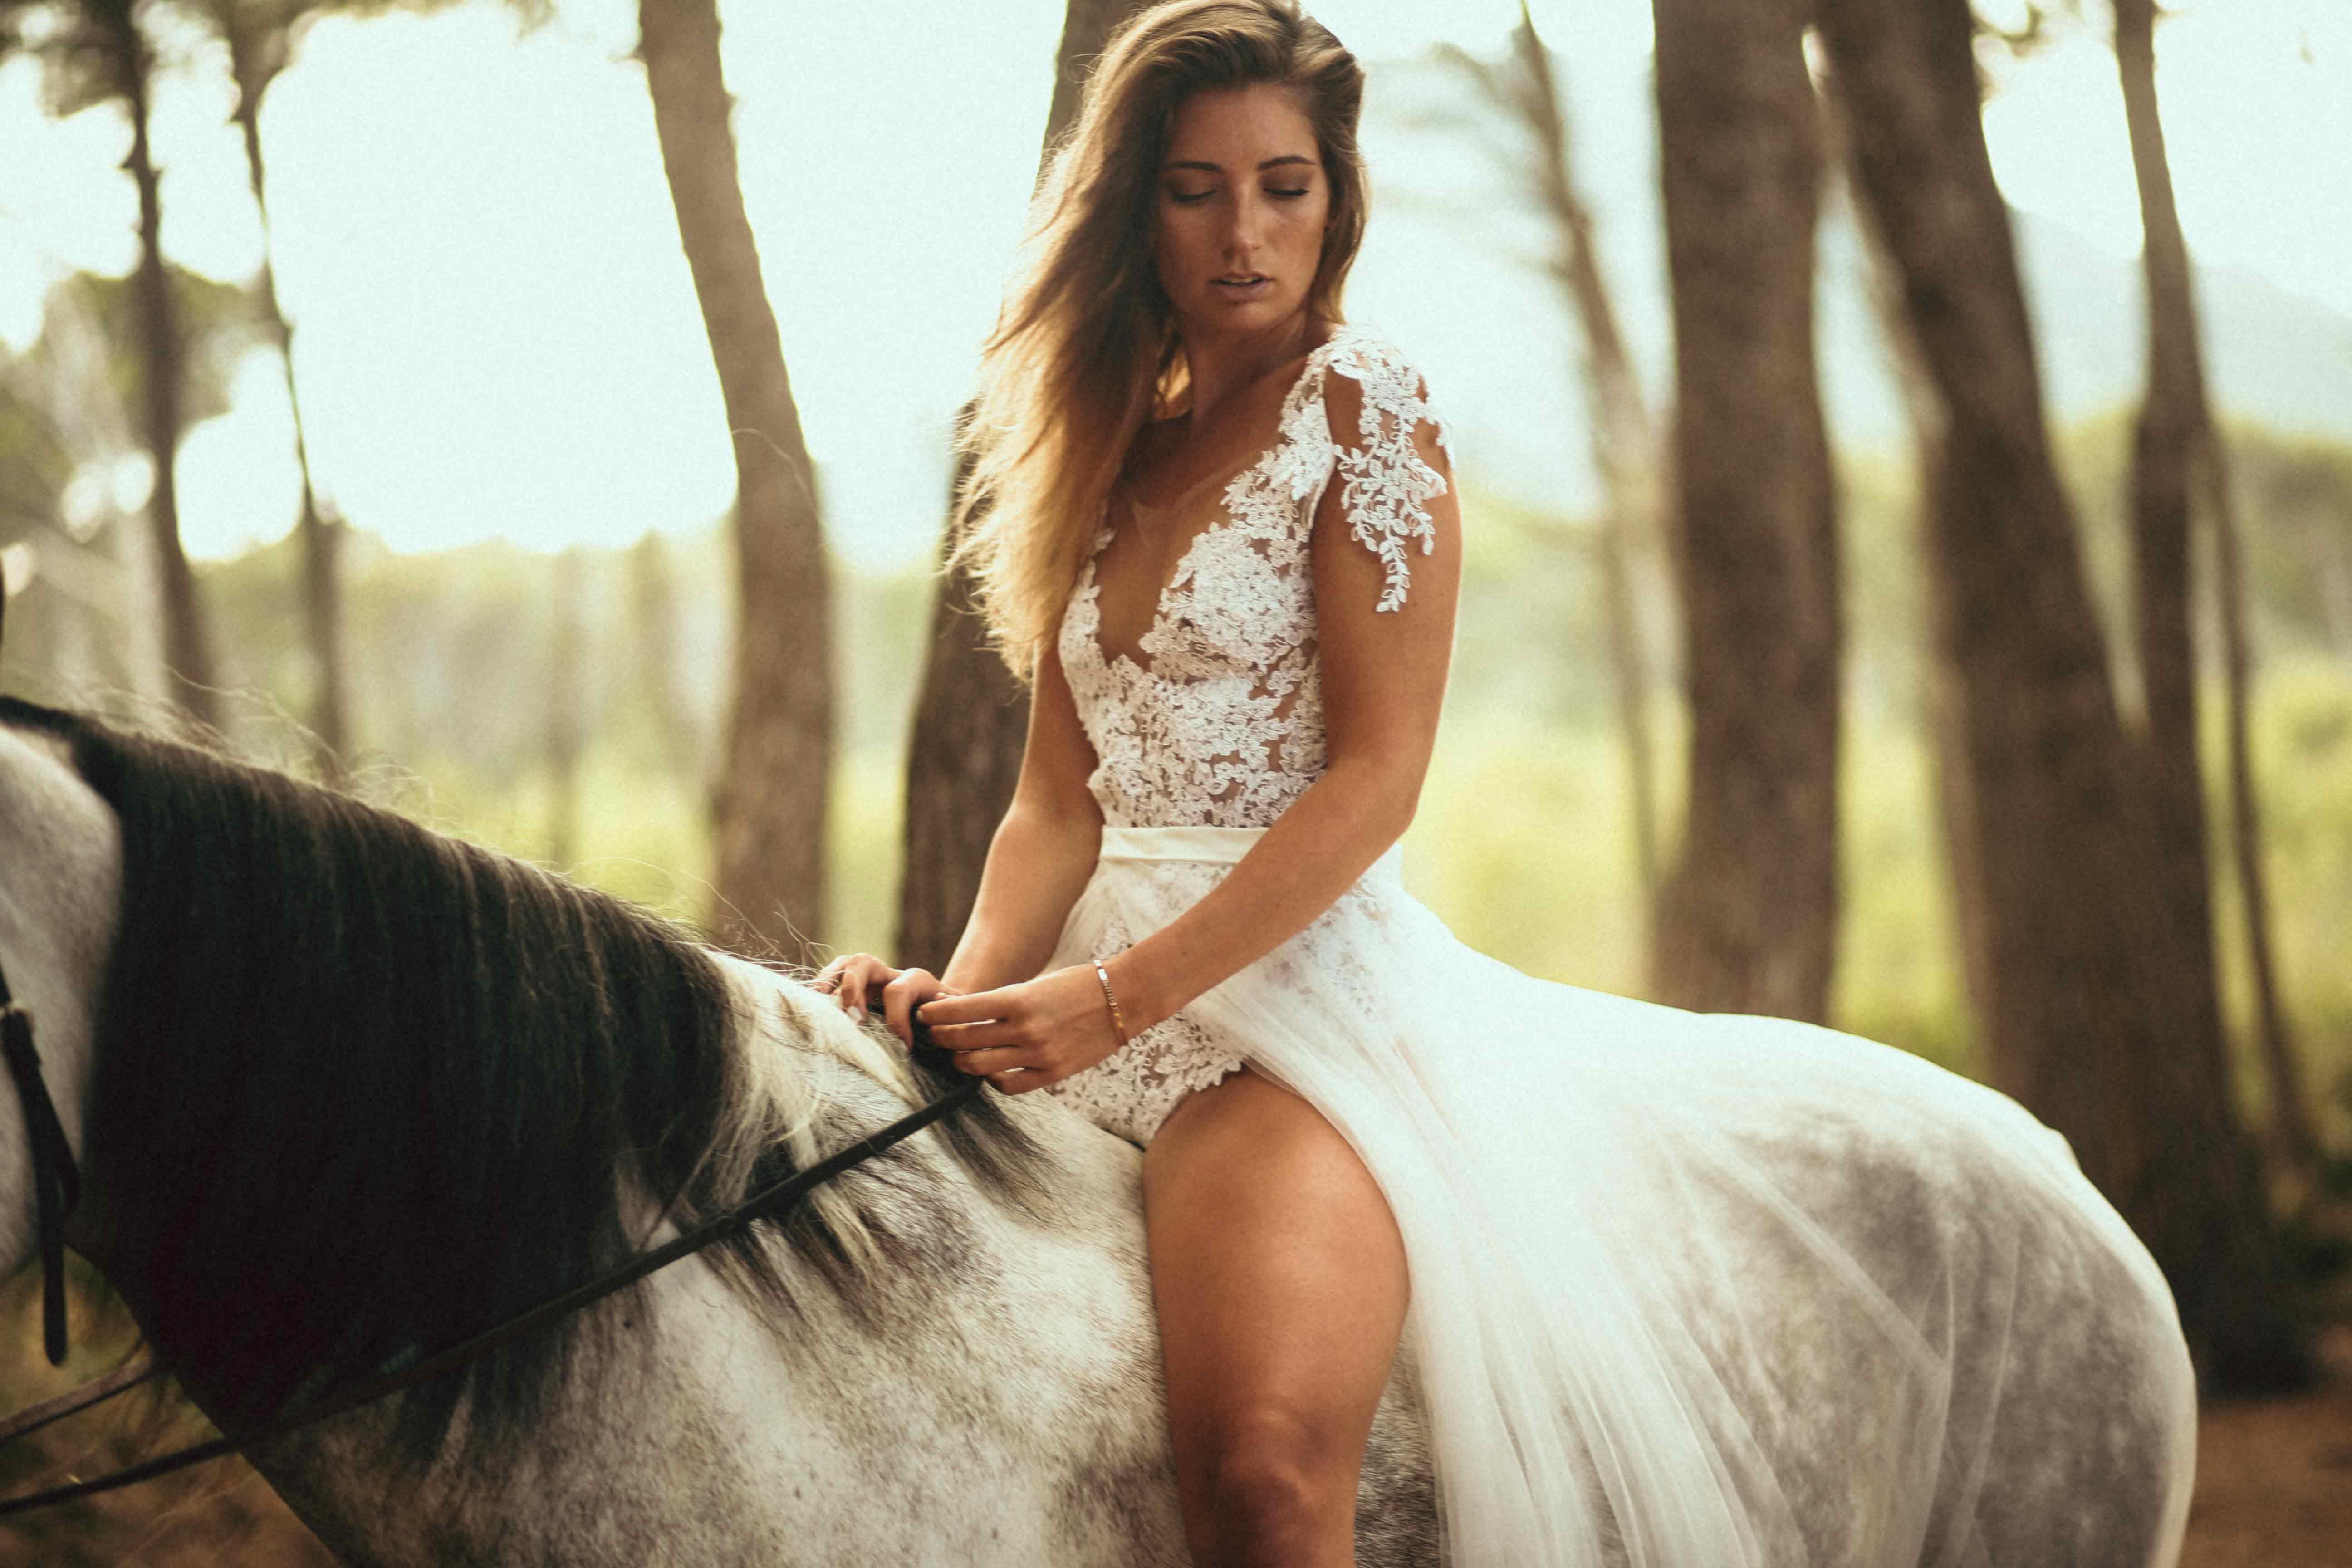 Eine blonde Frau sitzt auf dem Rücken eines Schimmels in einem spanischen Wald. Sie trägt einen Spitzenbody und eine Schleppe als Brautkleid.